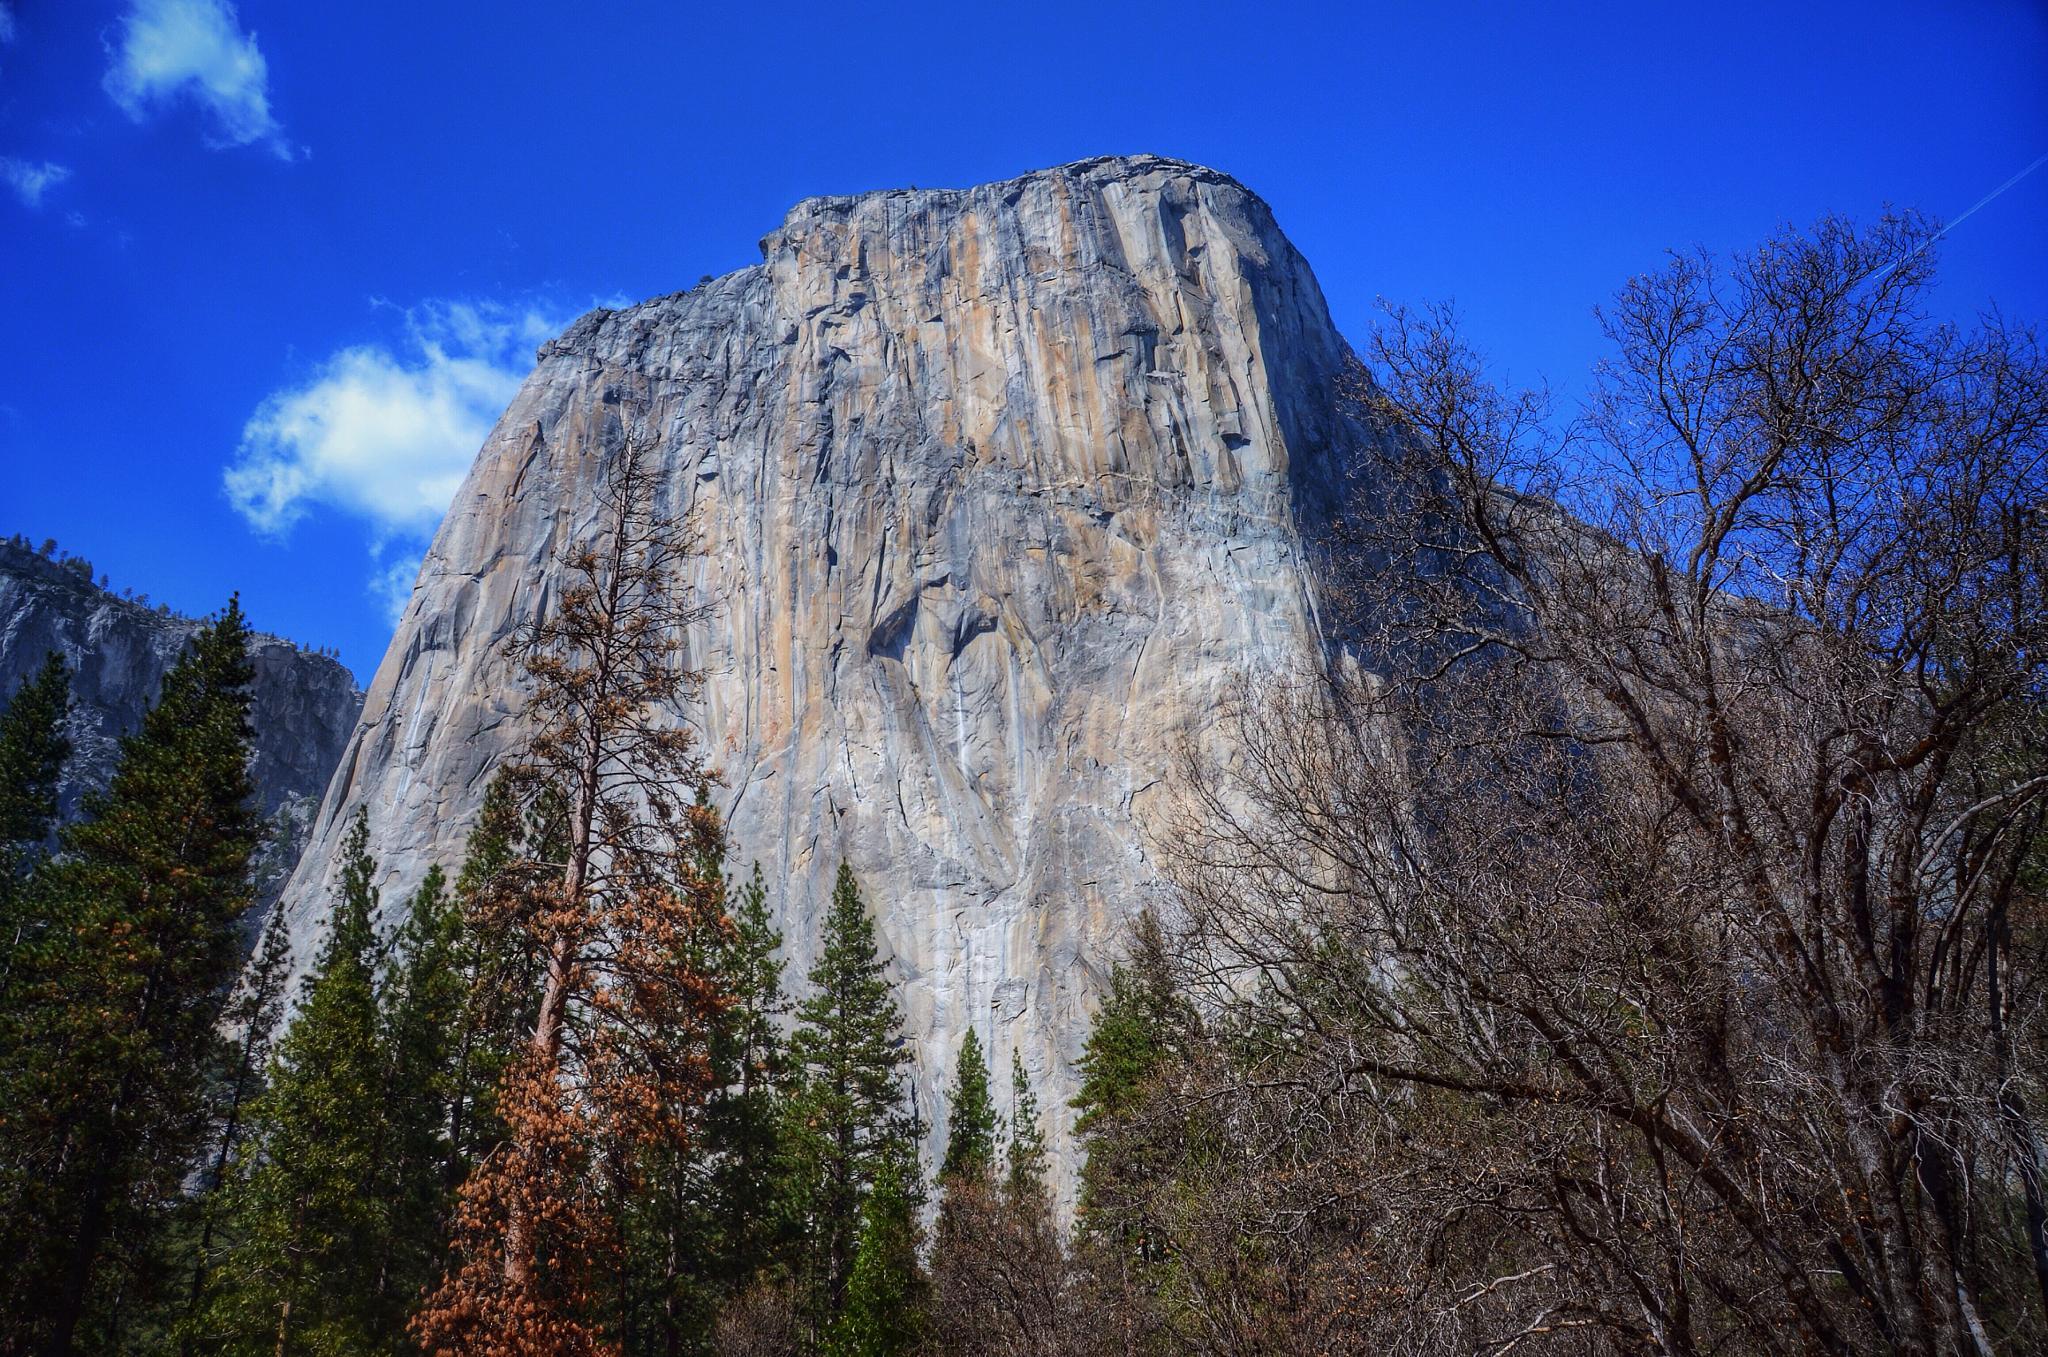 El Capitán, Yosemite by David J. Julián